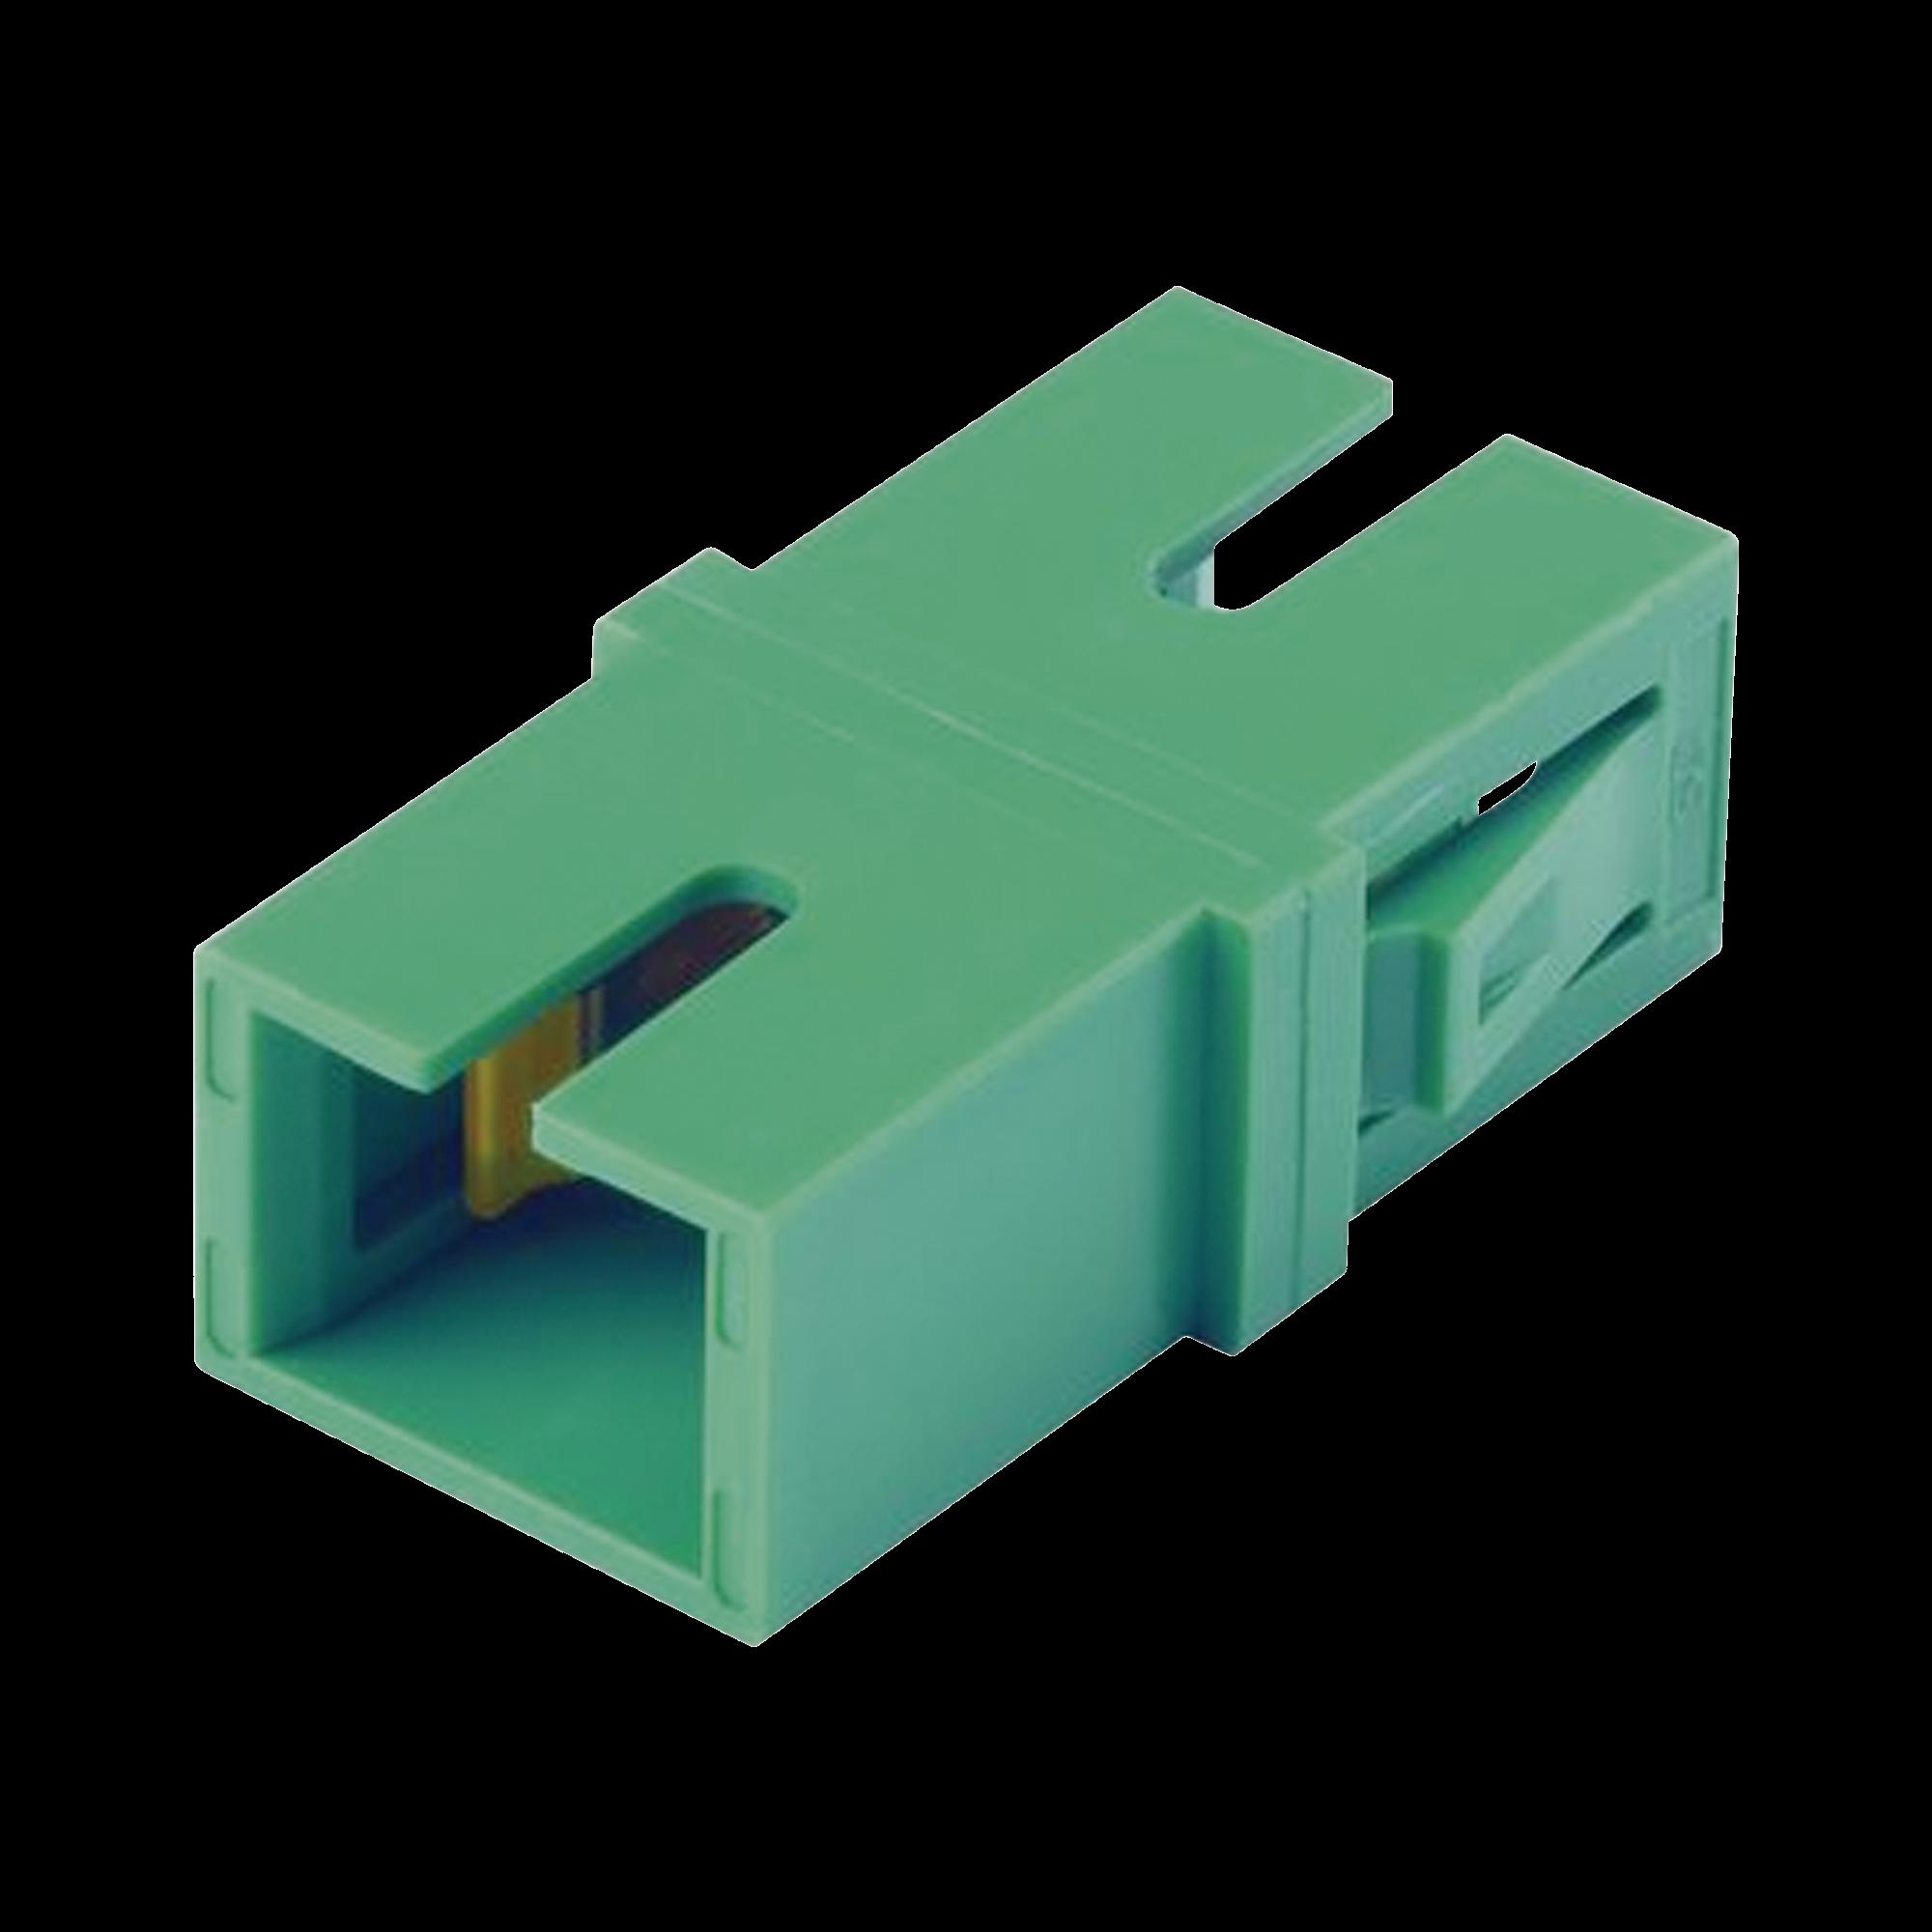 Módulo Acoplador SC/APC Simplex, Para Fibra Monomodo, Color Verde